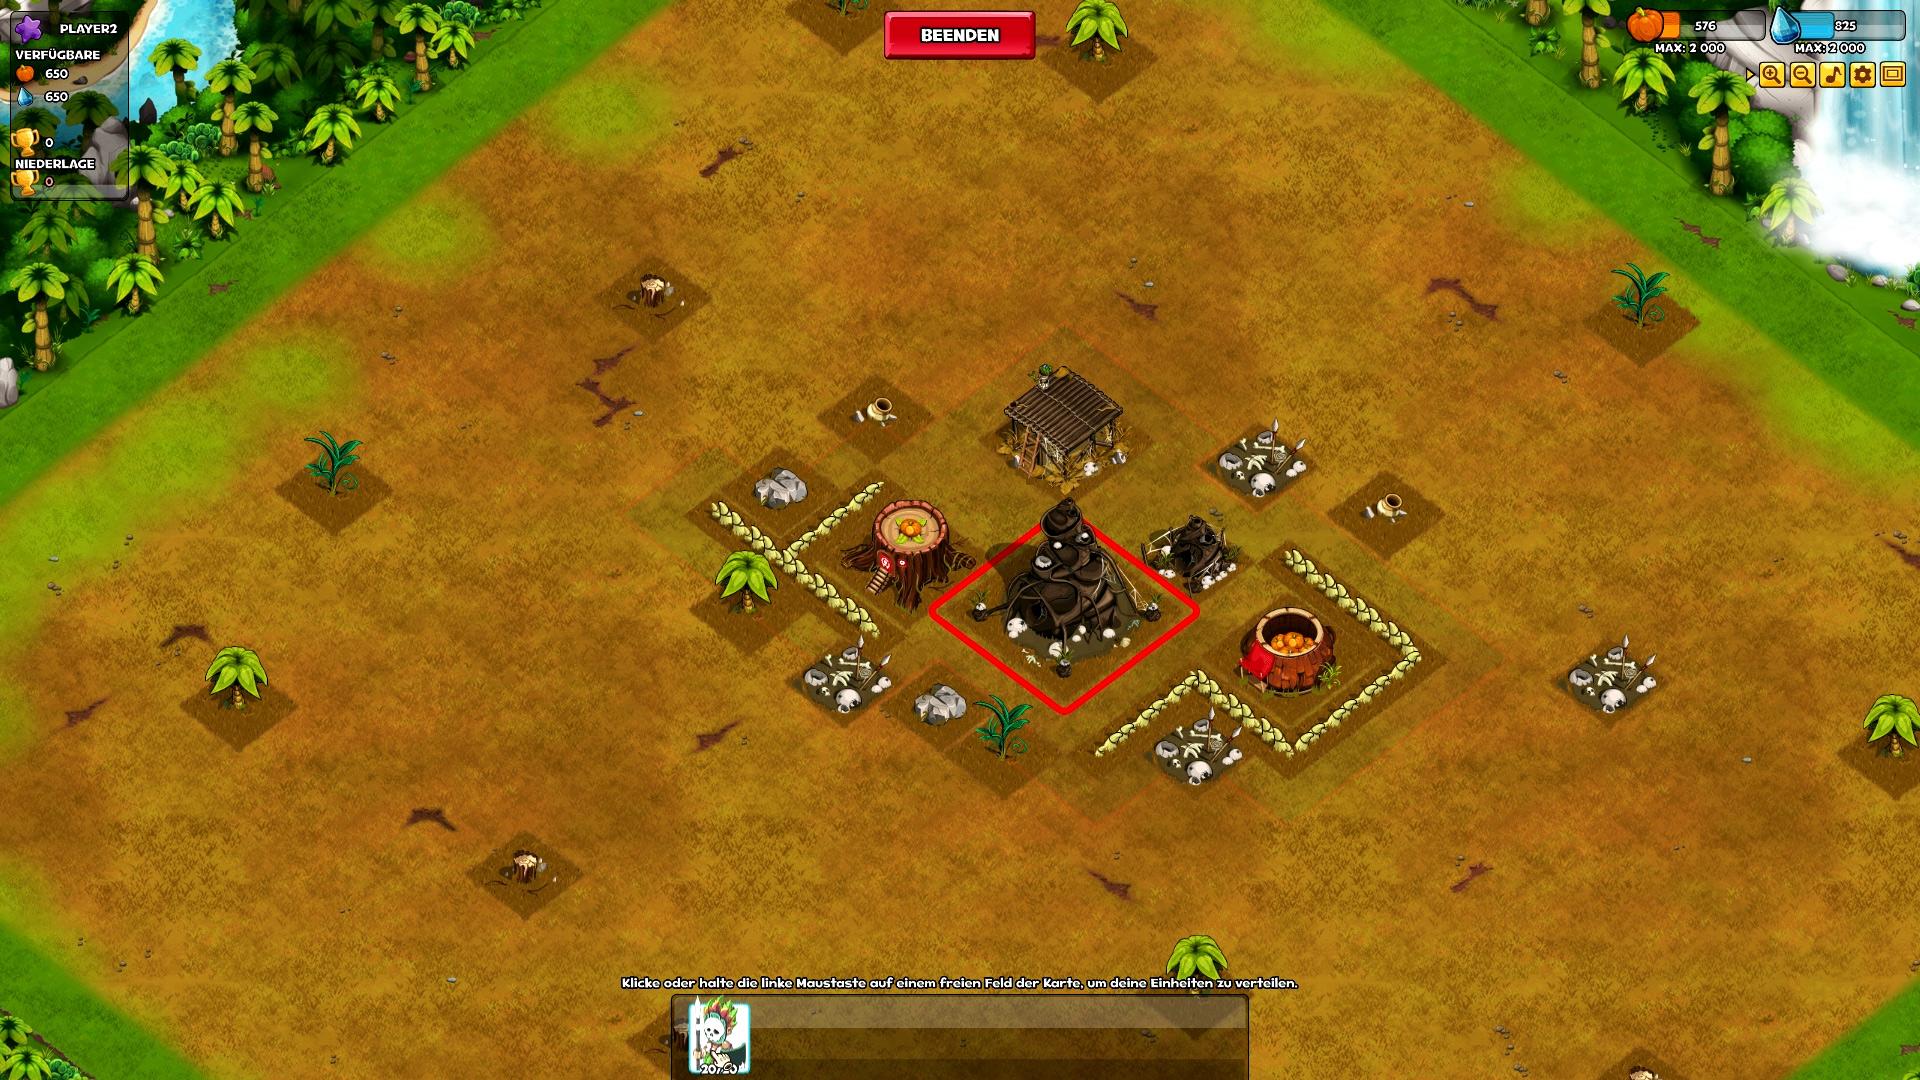 Minecraft D Kostenlos Online Spielen Strategie Spiele - Minecraft spielen kostenlos